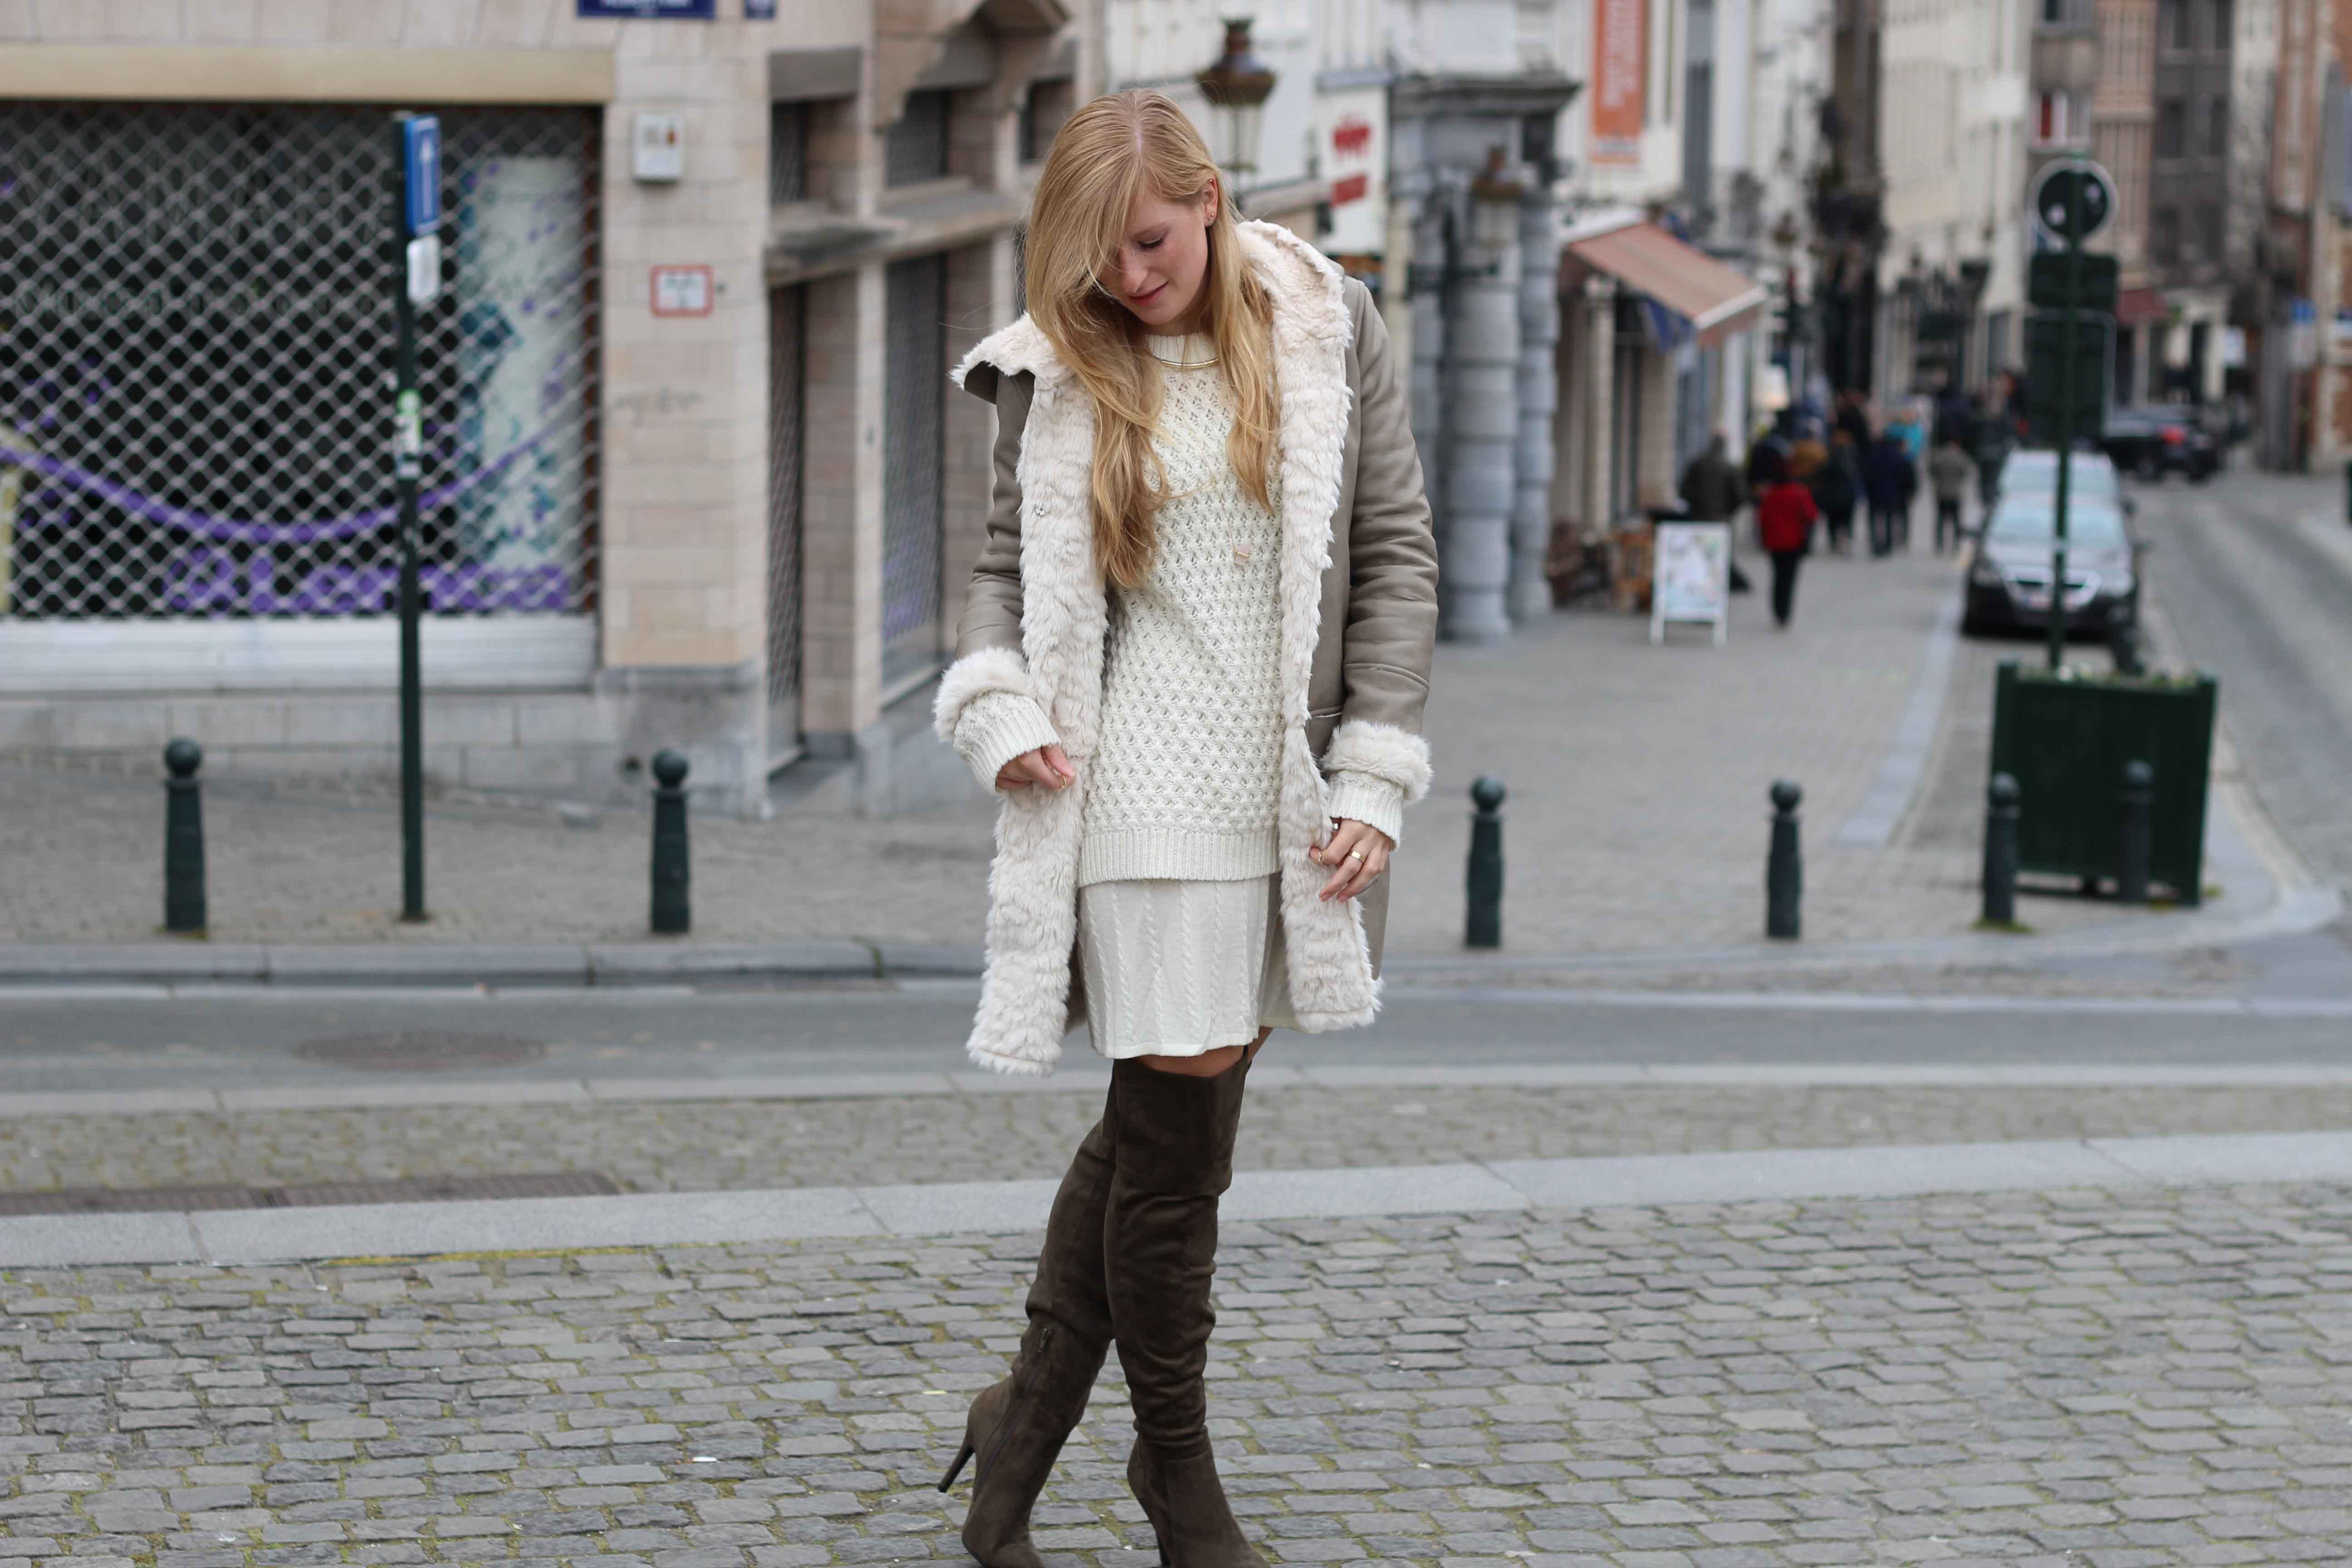 Grüne Overknees Zara Ledermantel Overknee Stiefel Nude Wollkleid Fashion Look Modeblog 91